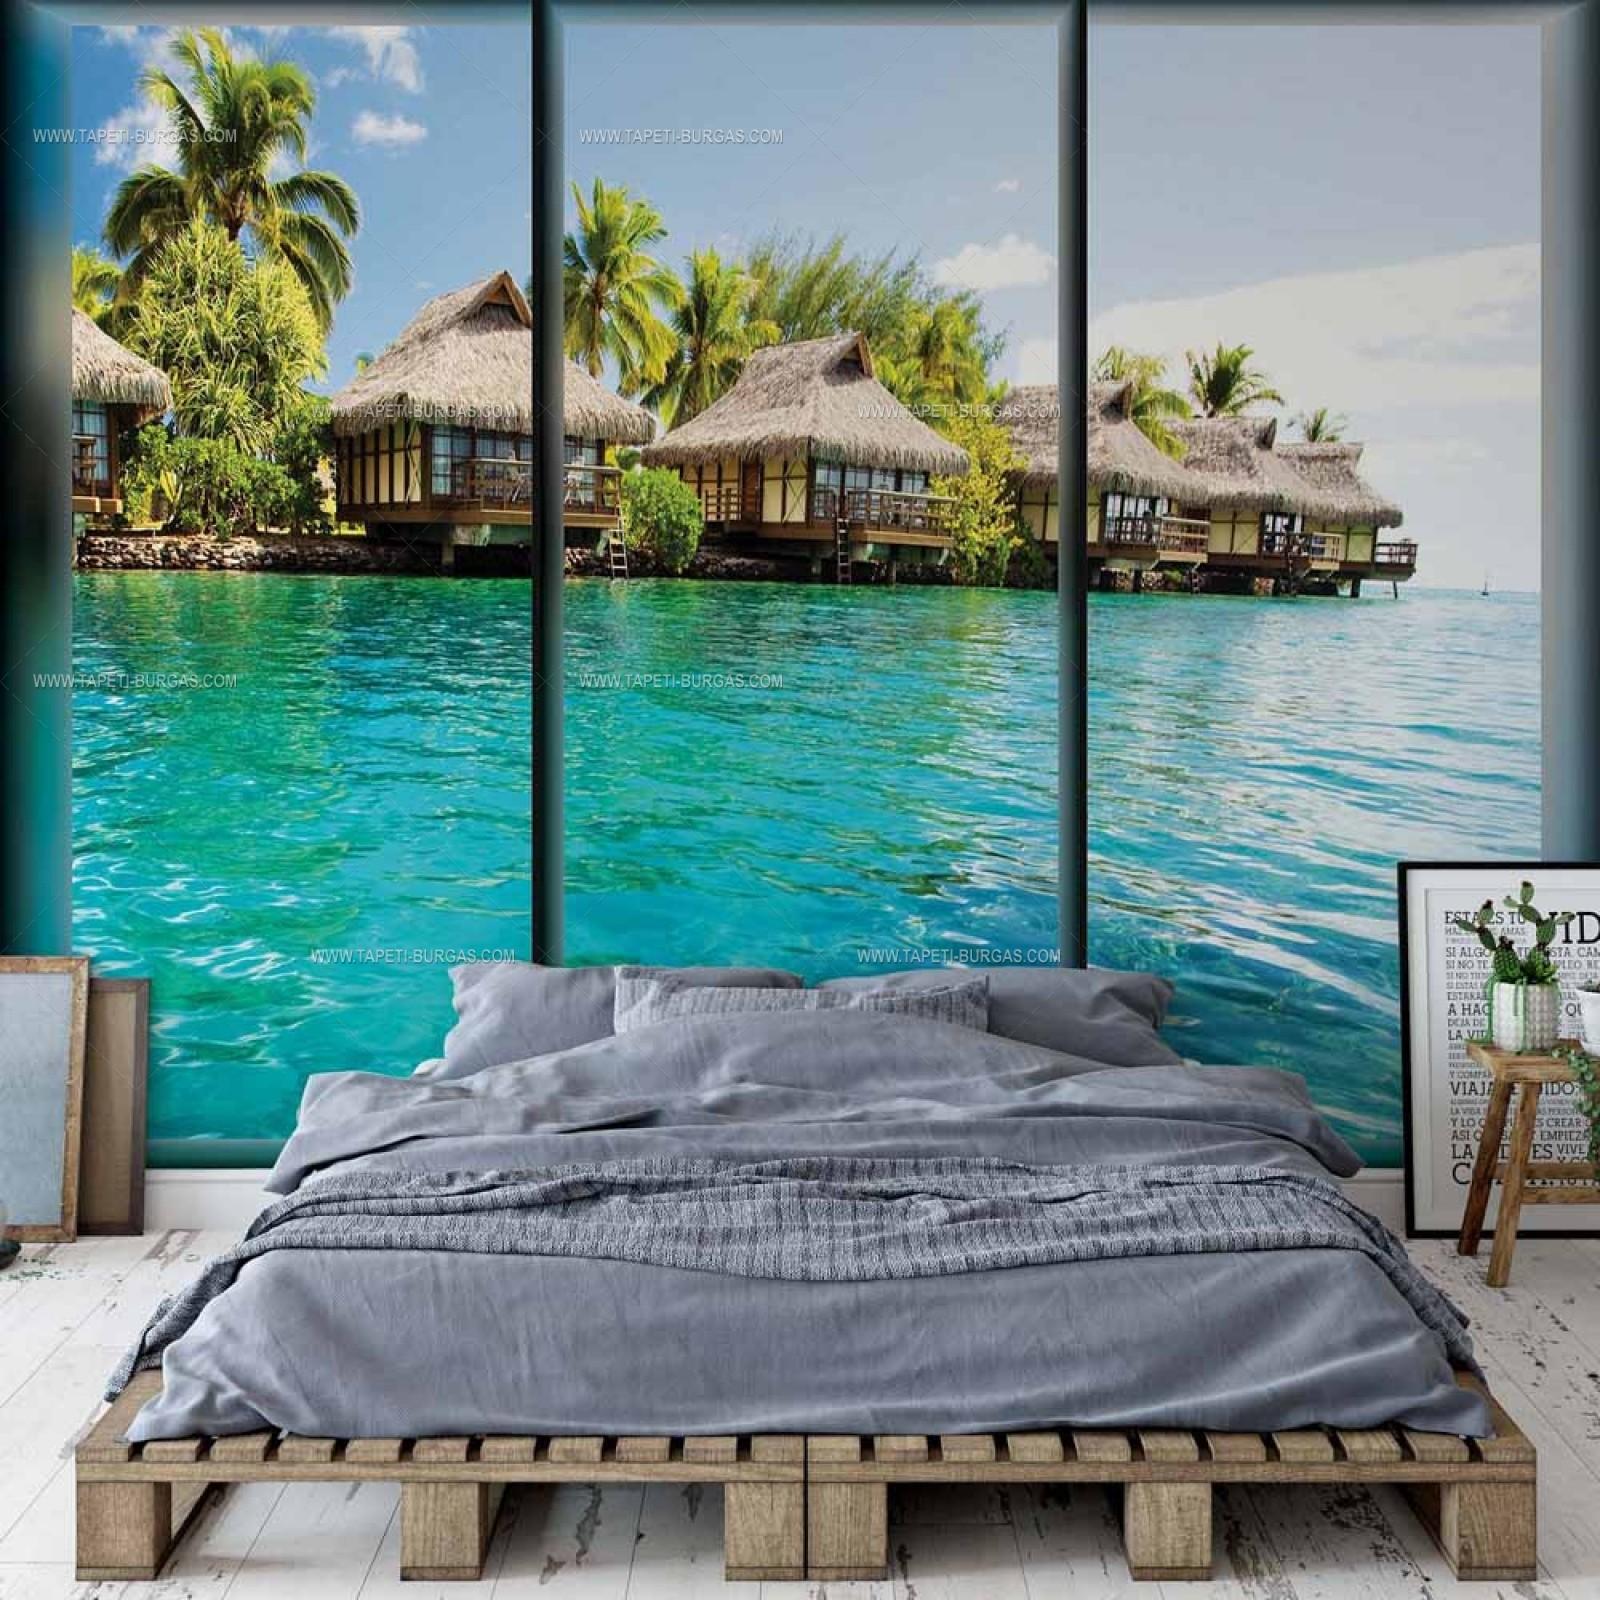 Фототапет Прозорец- Бахамите